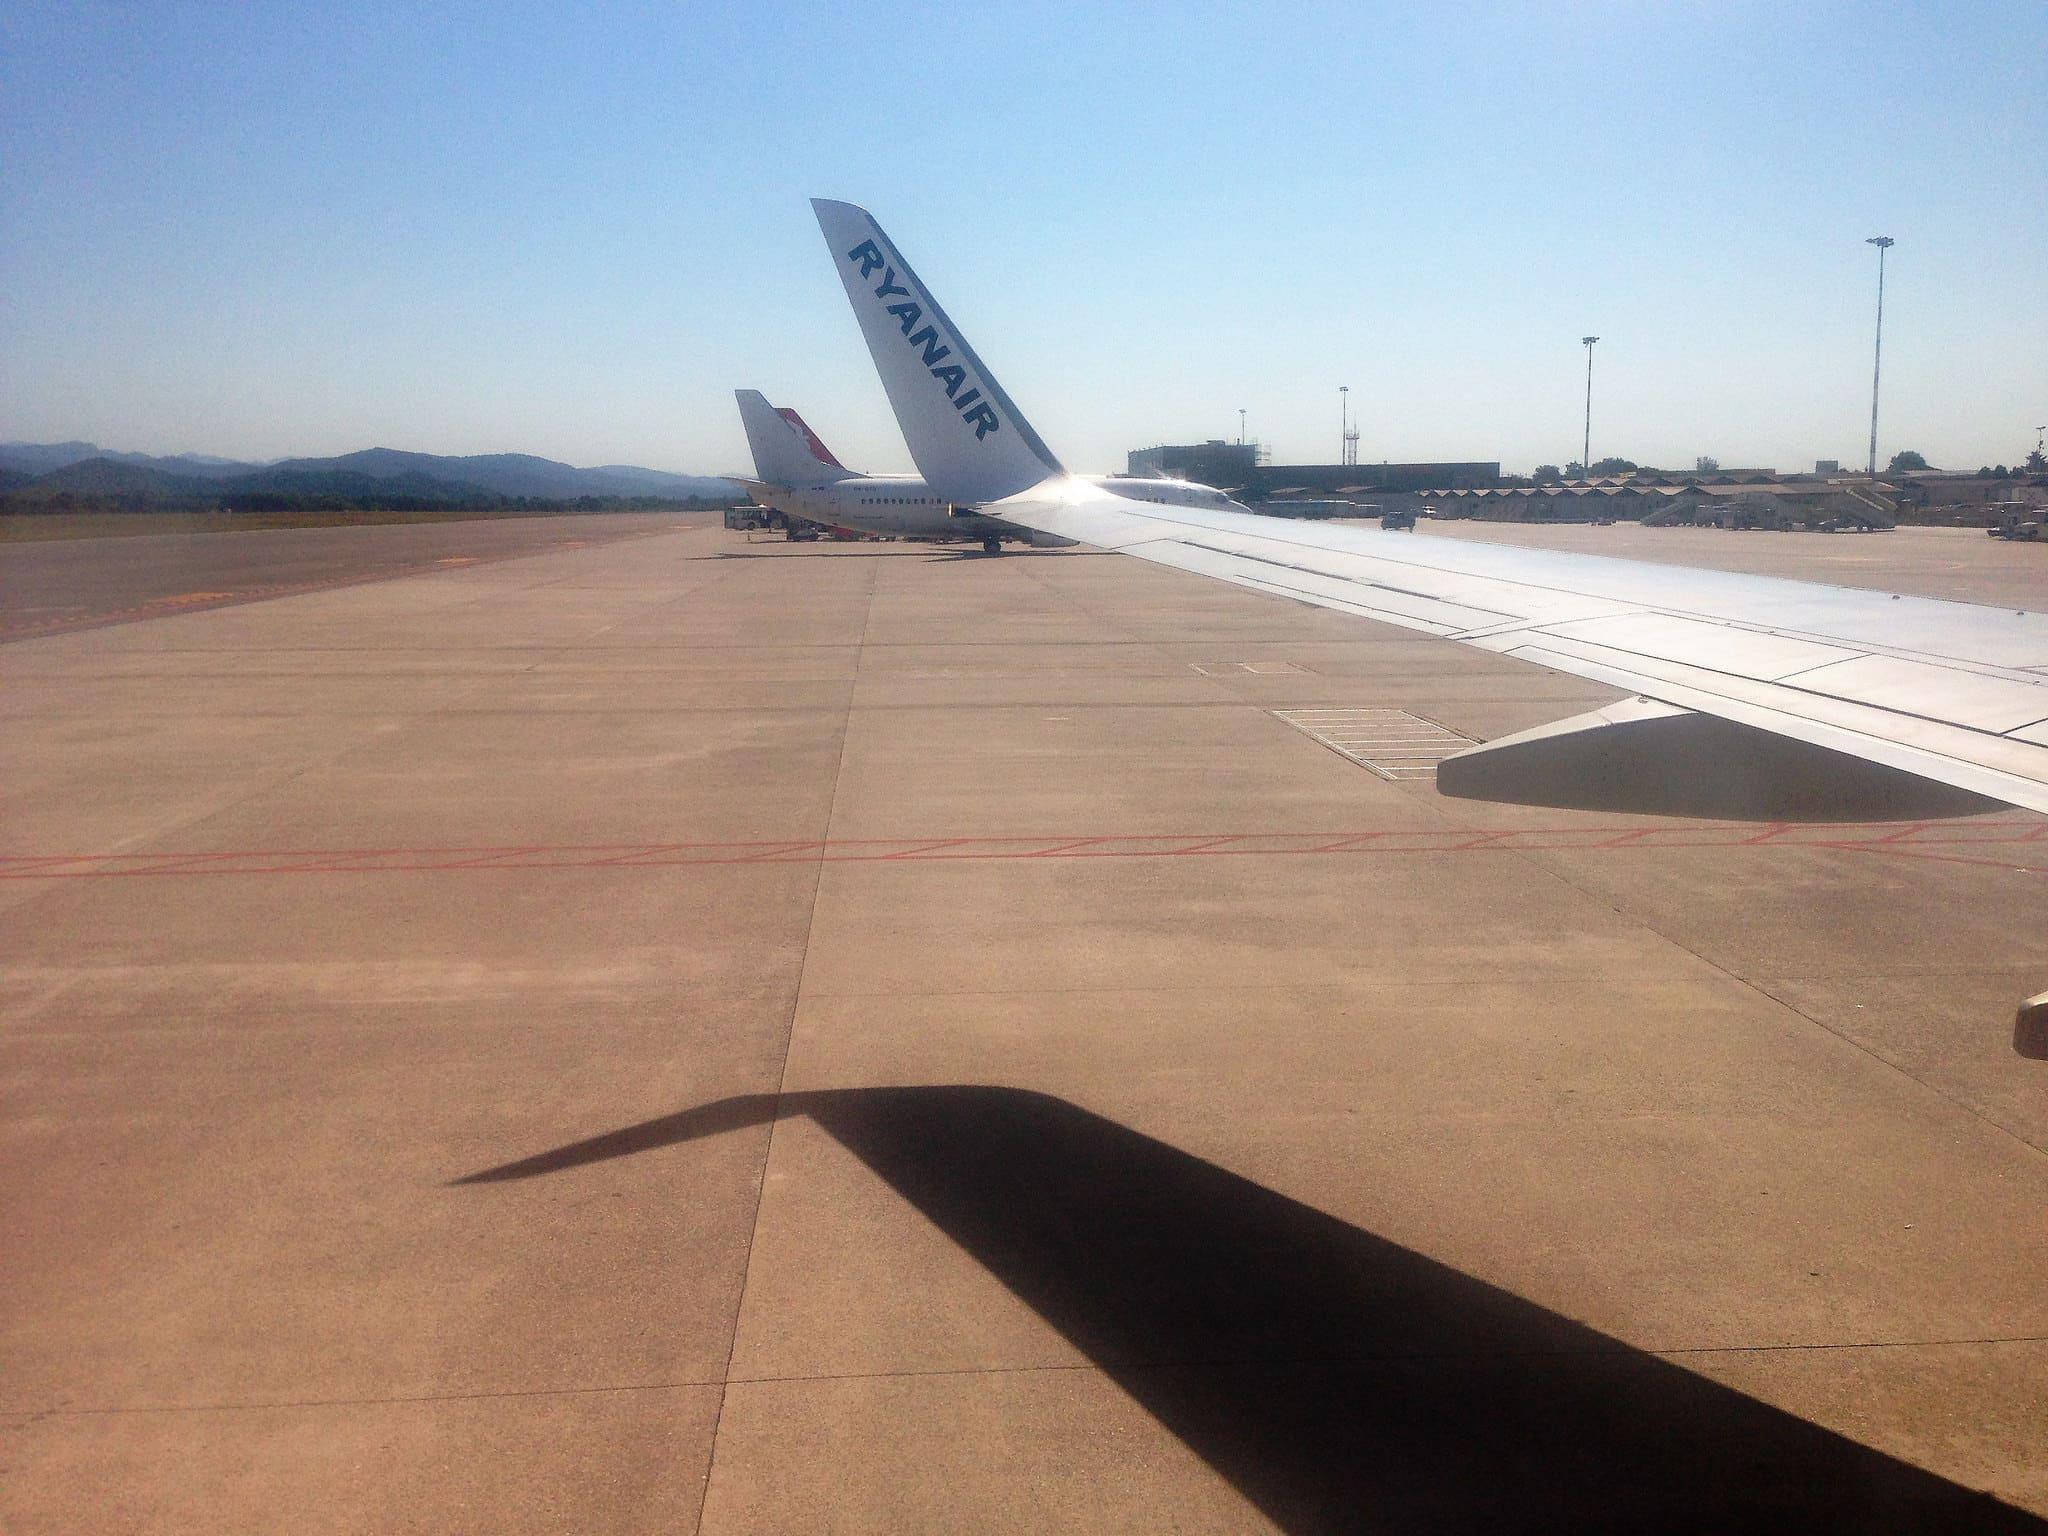 Pista di atterraggio - aeroporto di Bergamo